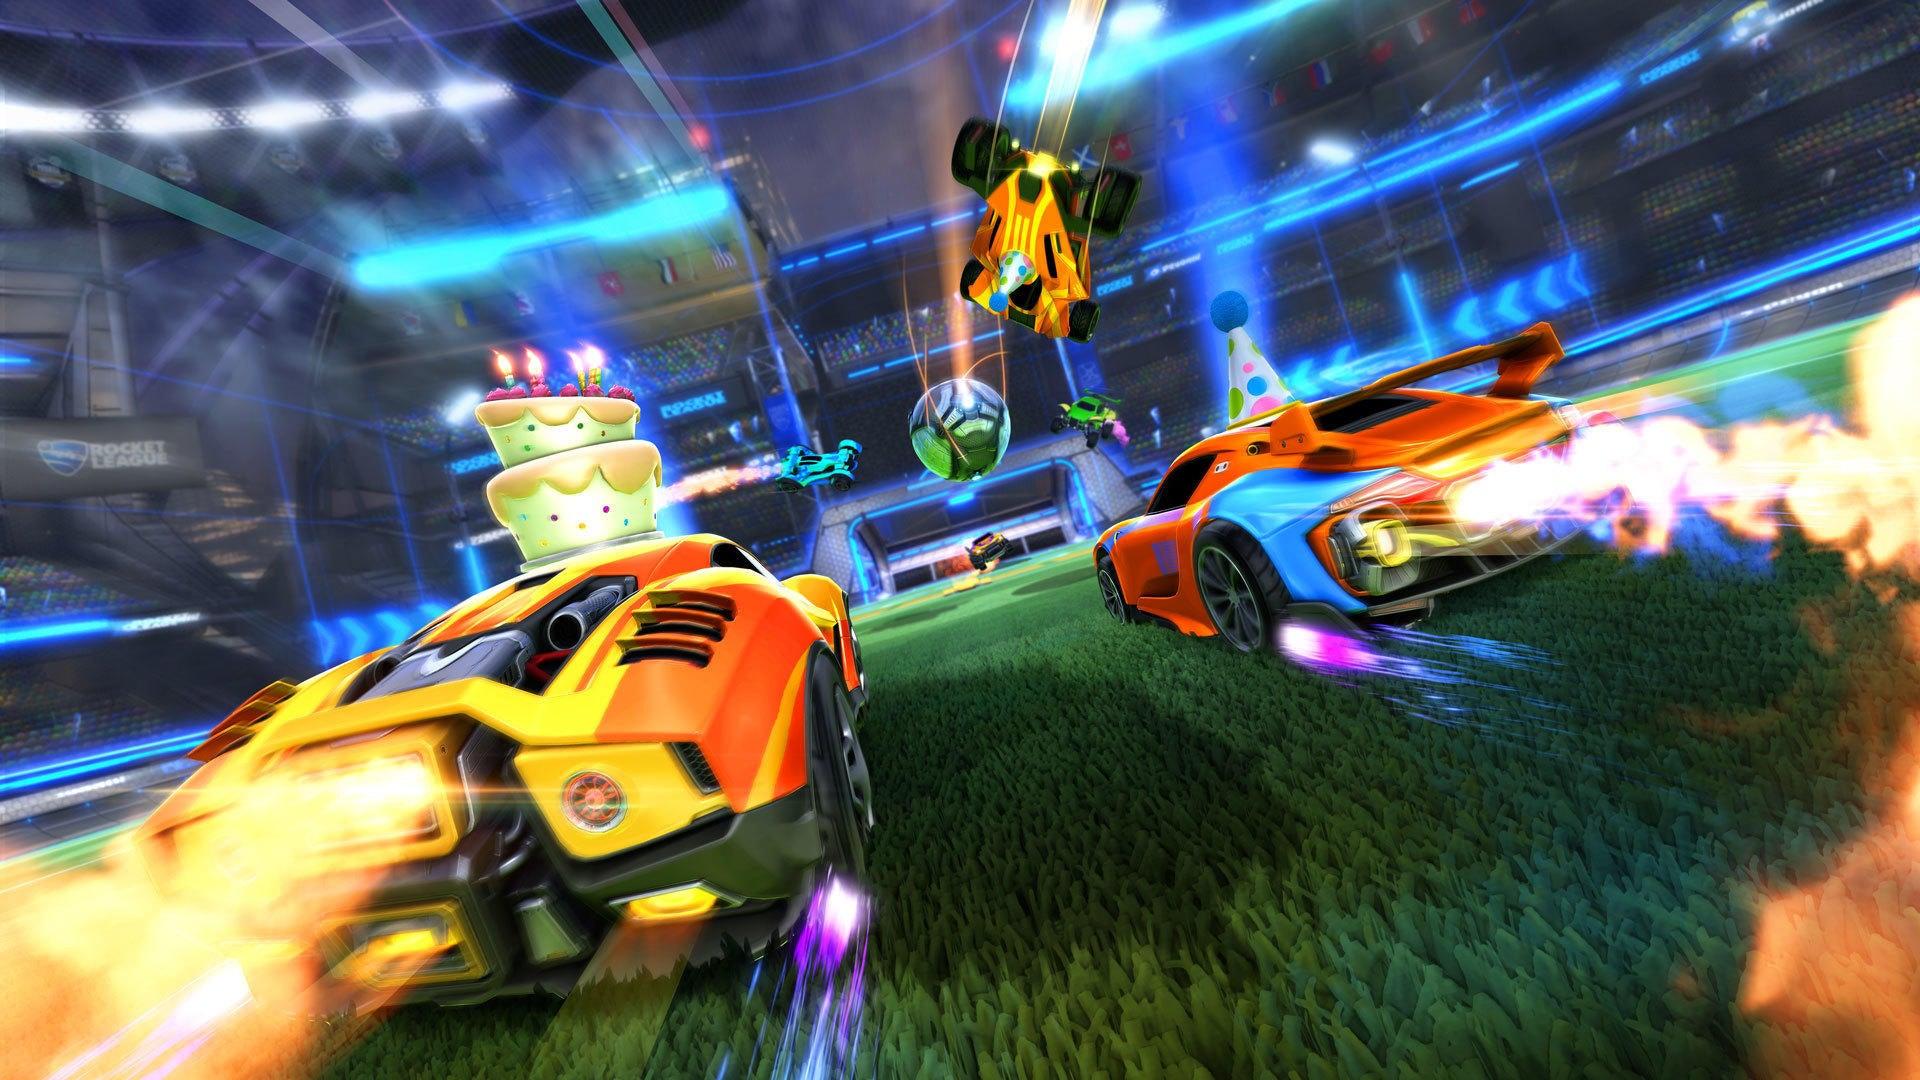 Epic Acquires Rocket League Developer Psyonix